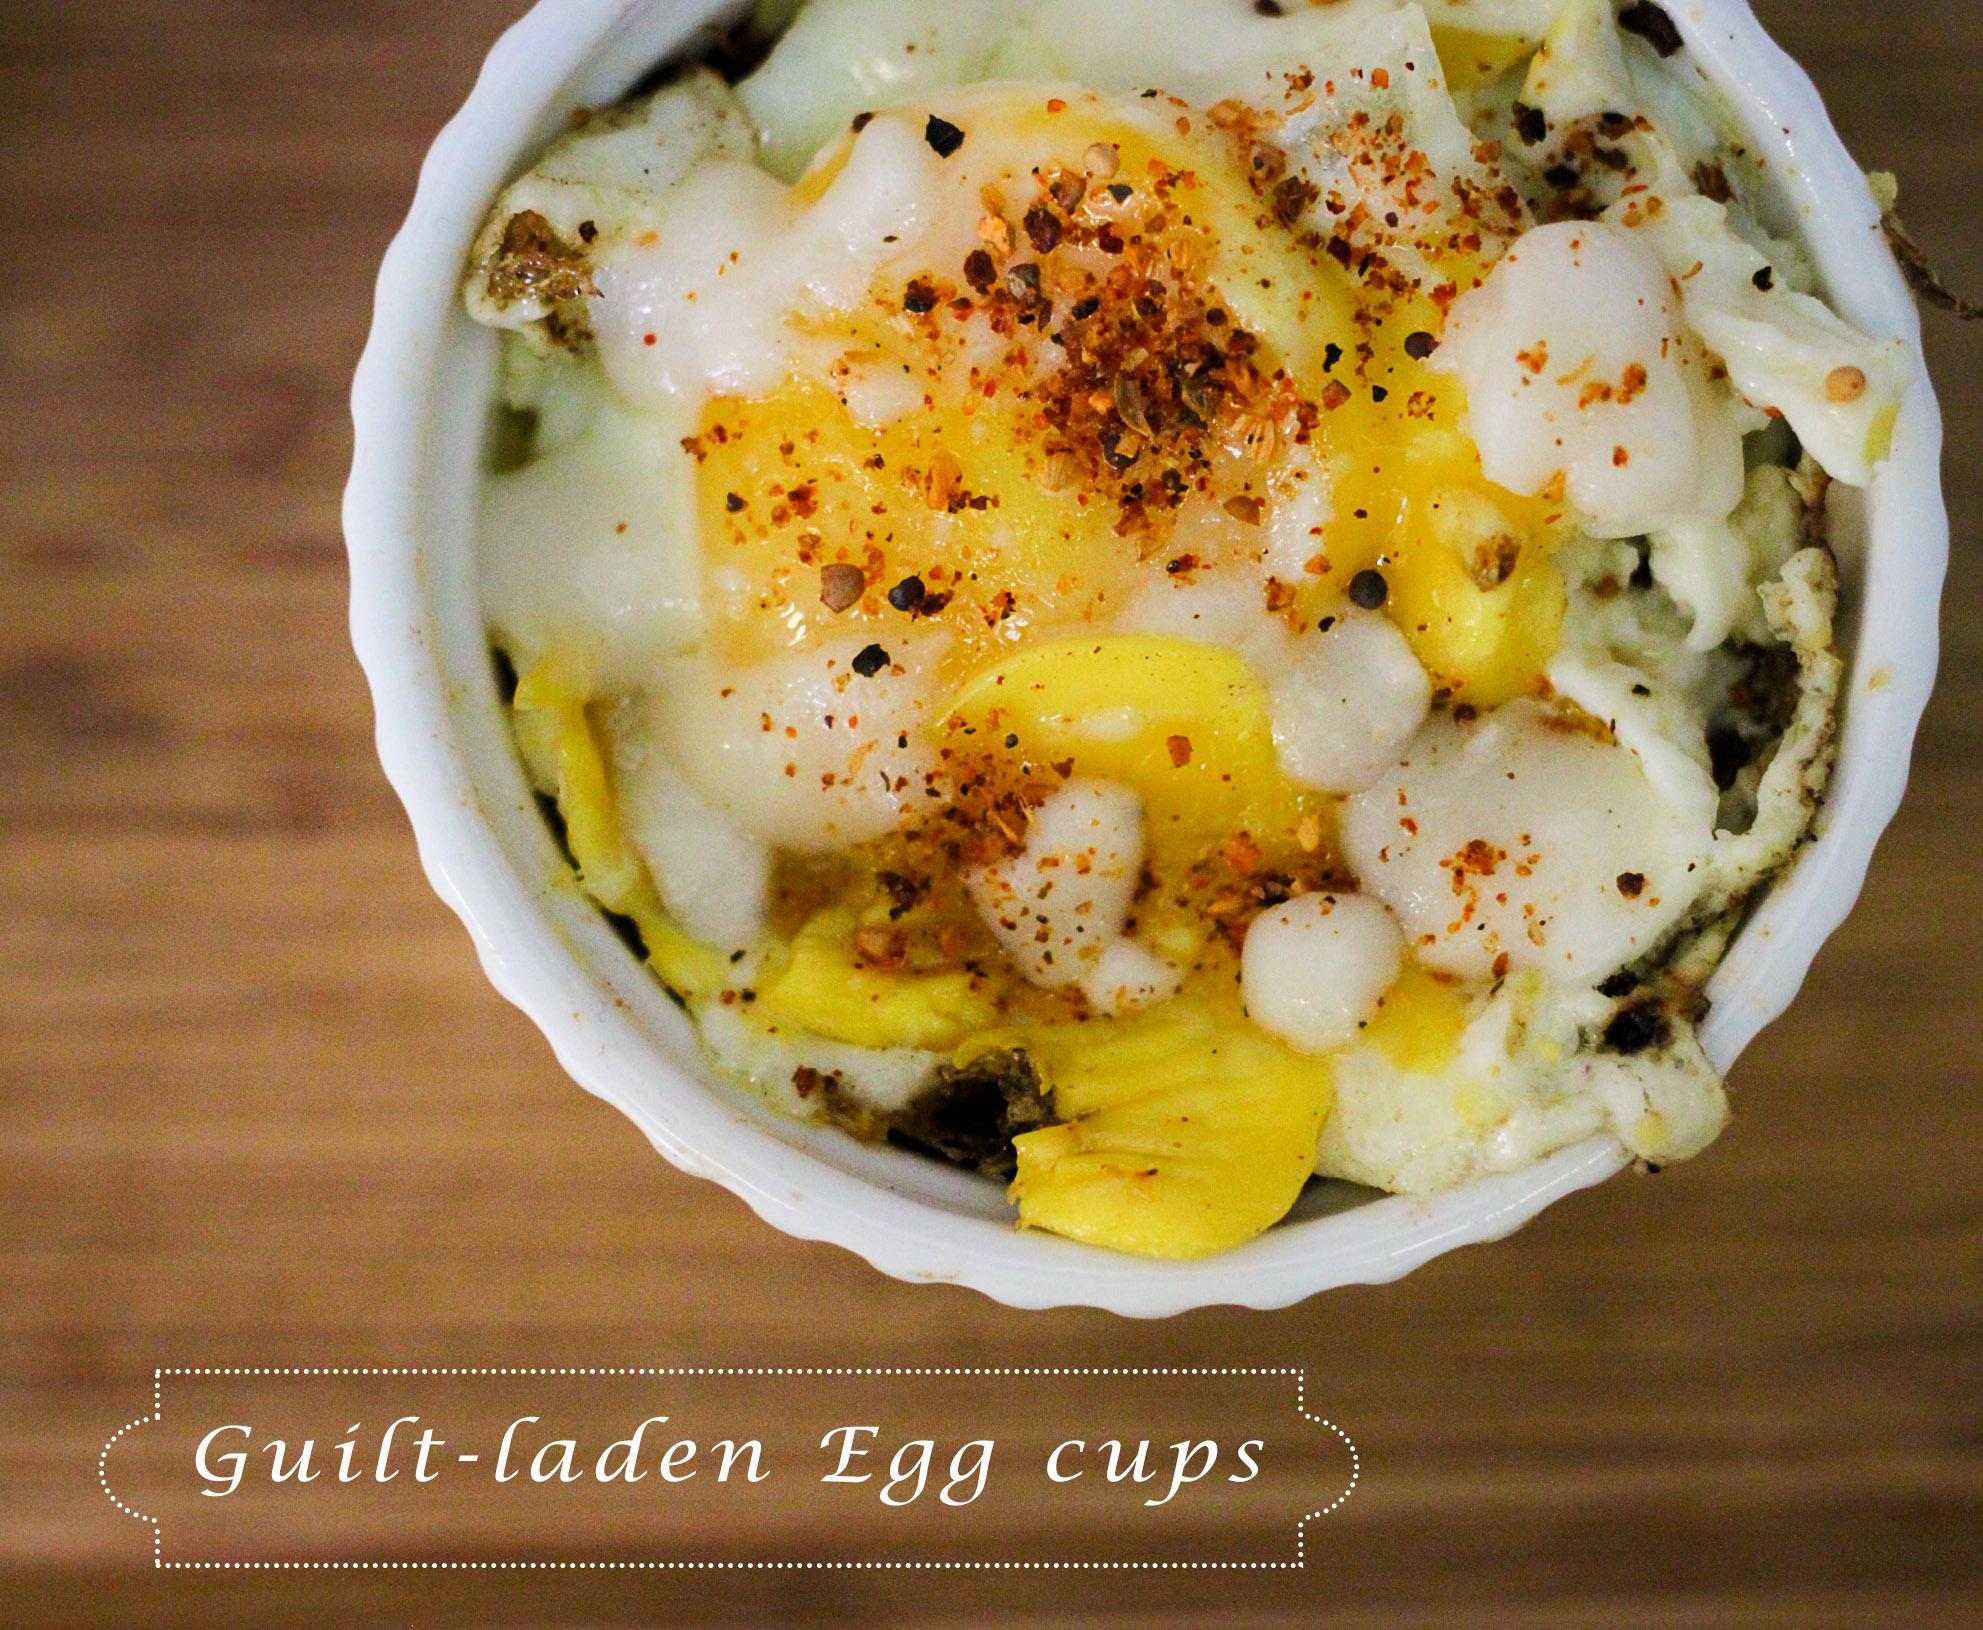 guilt-laden egg cups